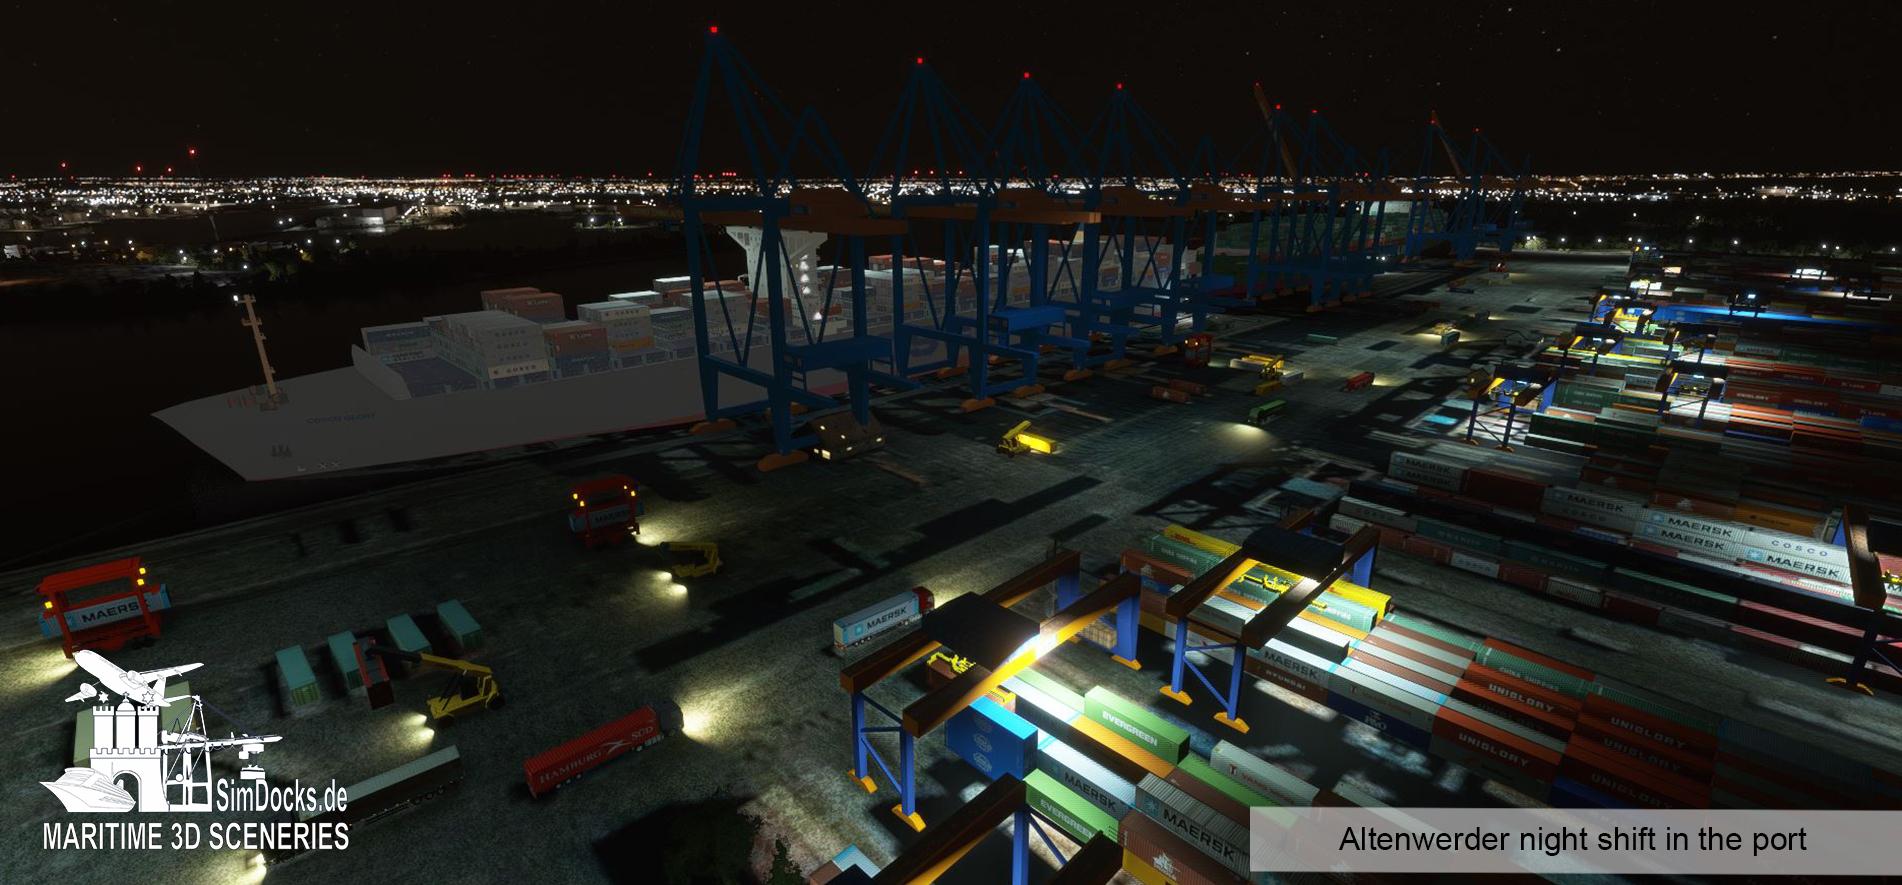 Bild39_Terminal_Altenwerder_Hafenarbeit_Nacht.JPG